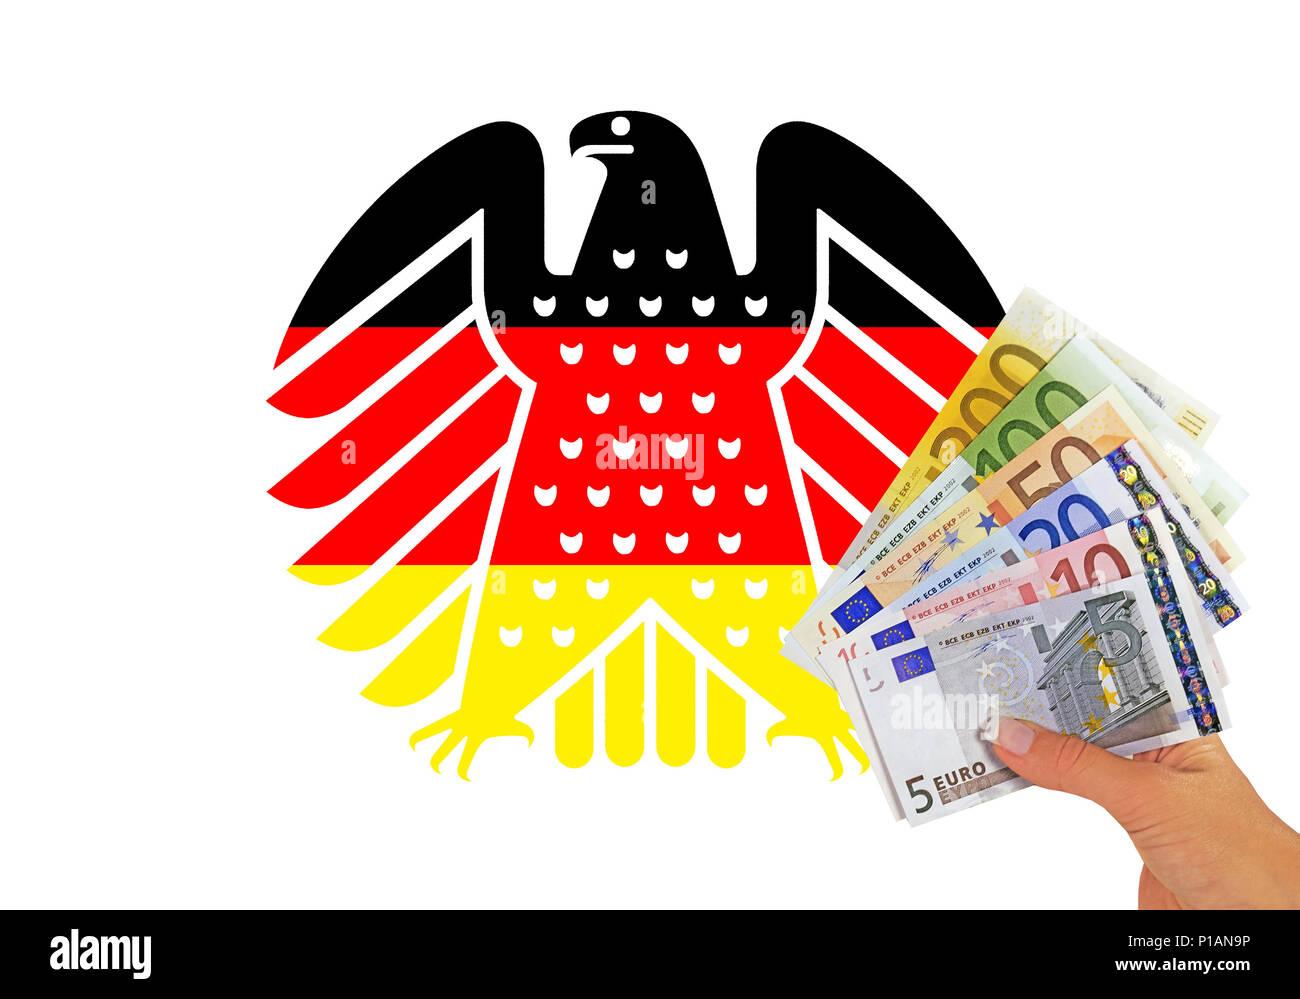 Neue bundesadler in den Farben schwarz - rot - Gold, das Wappentier der Bundesrepublik Deutschland, vor der Hand mit Banknoten,, Neuer Bundes Stockbild